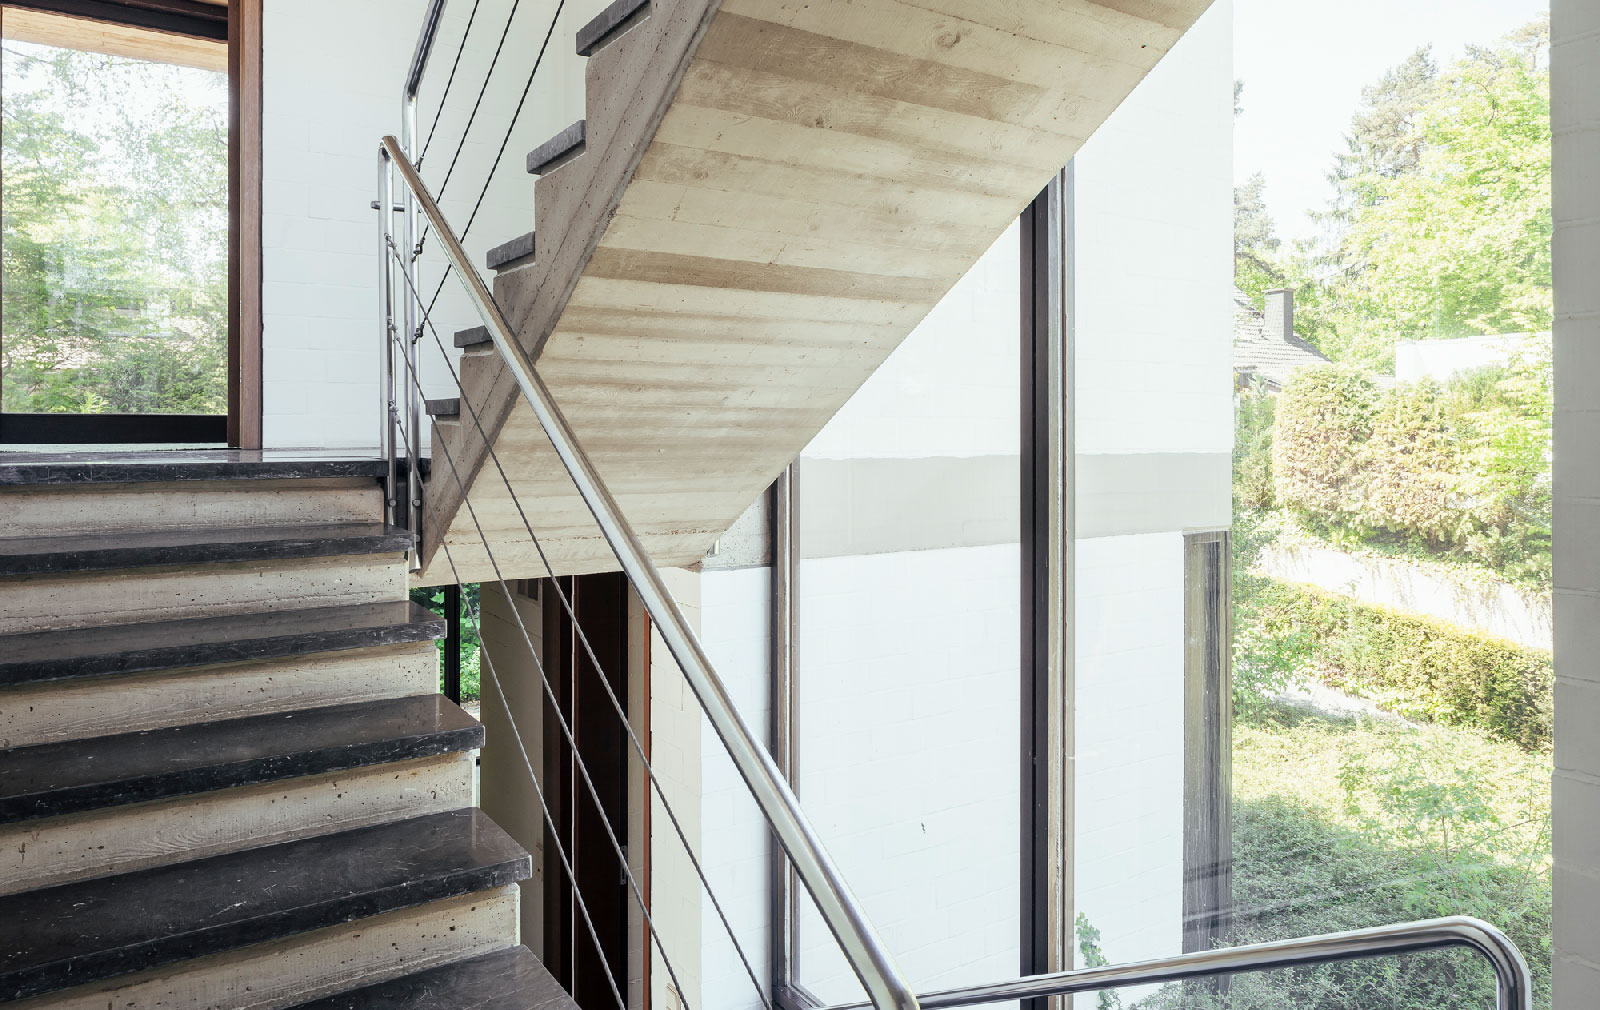 Modernist villa in Achen, Germany by architect Erich Schneider Wessling